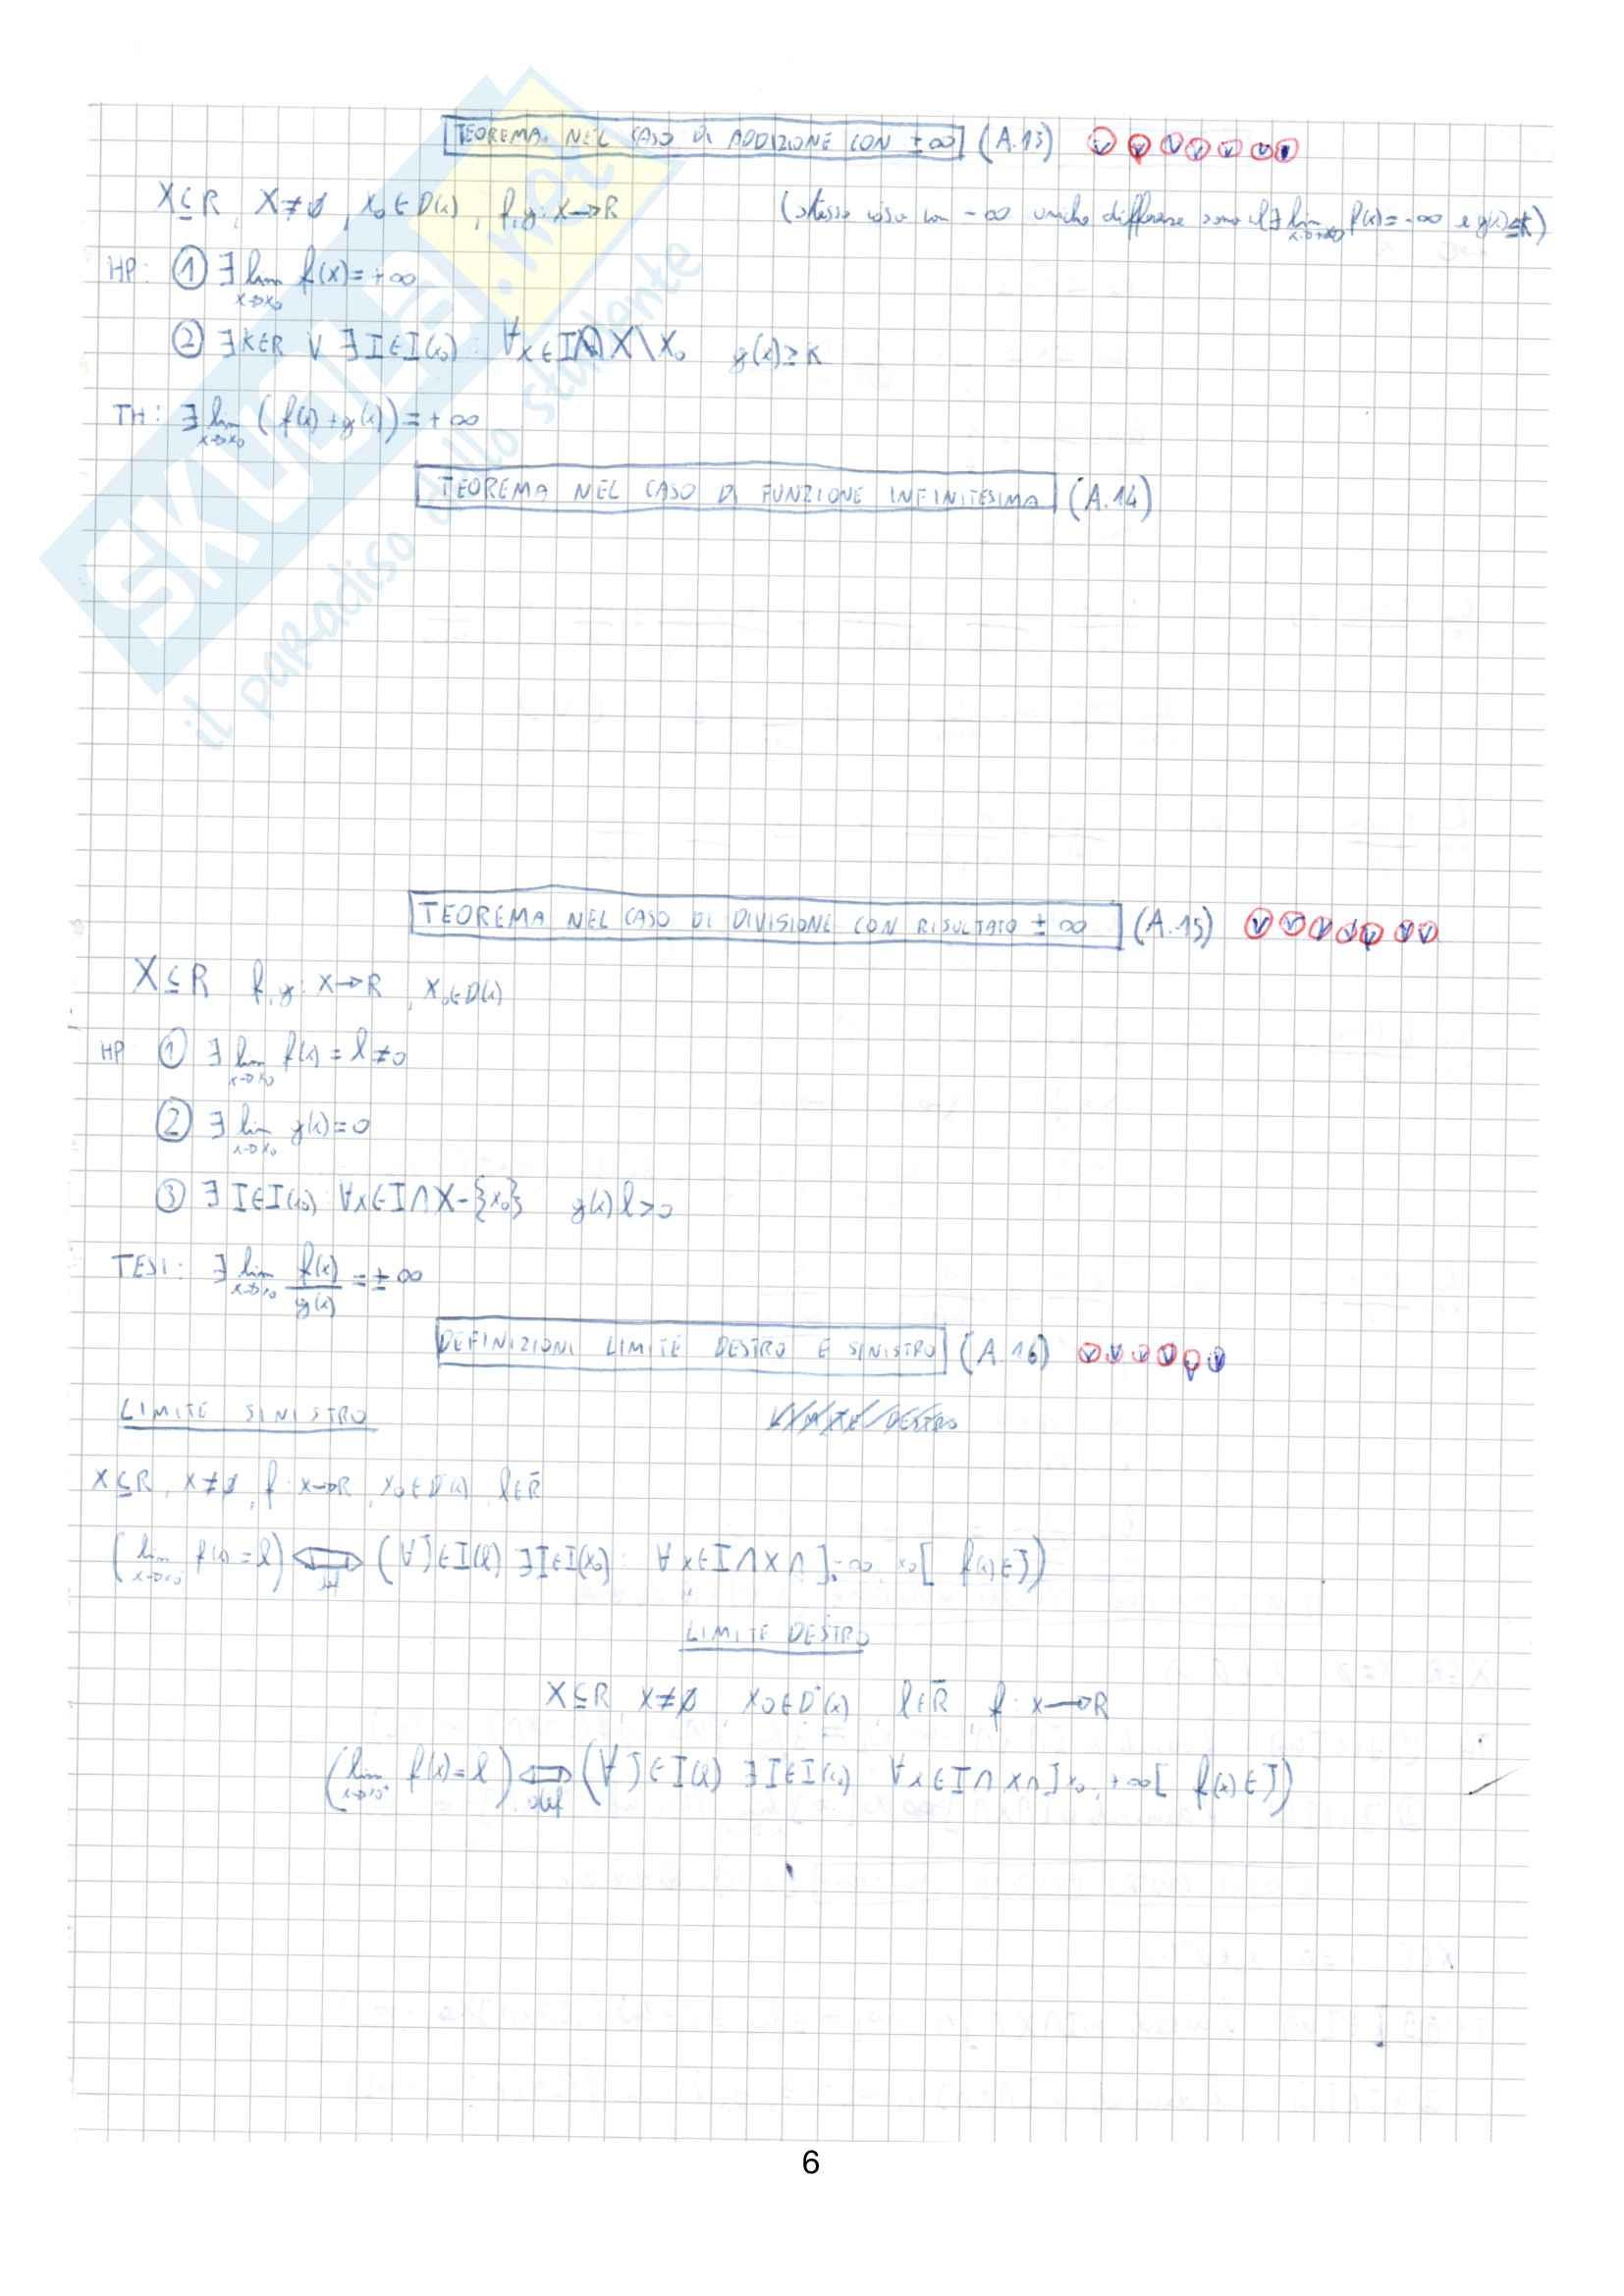 Appunti completi di Matematica generale Pag. 6